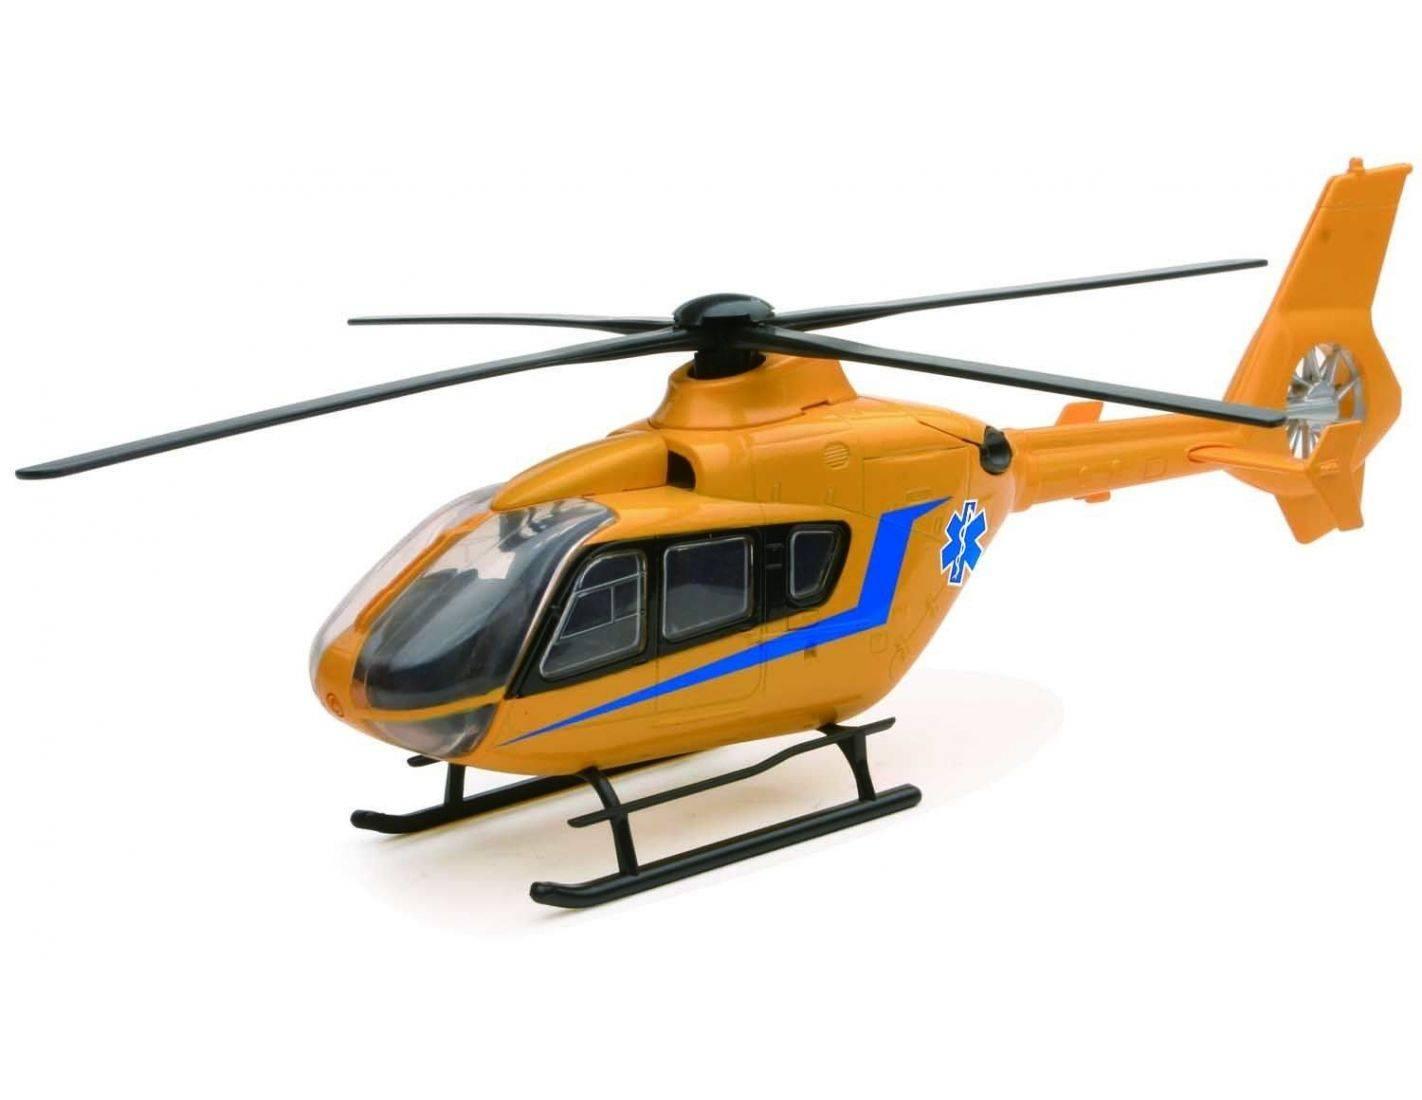 Pelikan 1 Elicottero : New ray ny eurocopter ec elicottero farmaceutico